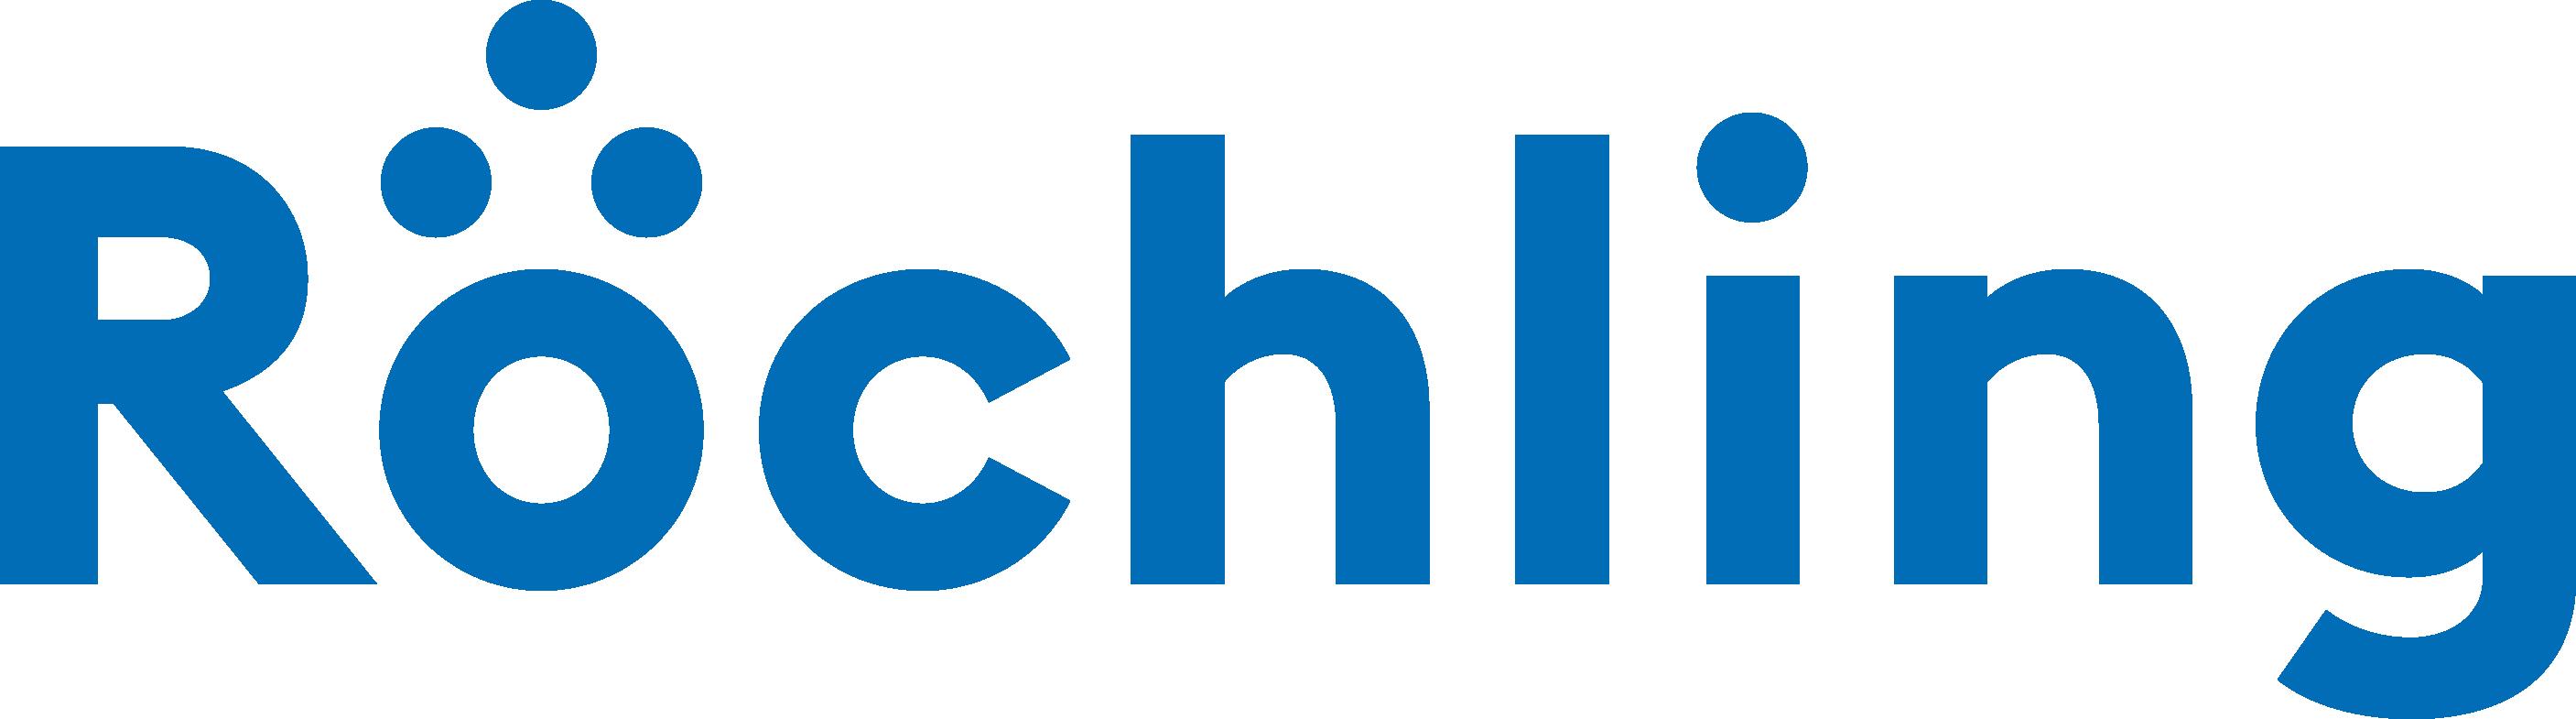 Unternehmens-Logo von Röchling Medical Neuhaus GmbH & Co. KG